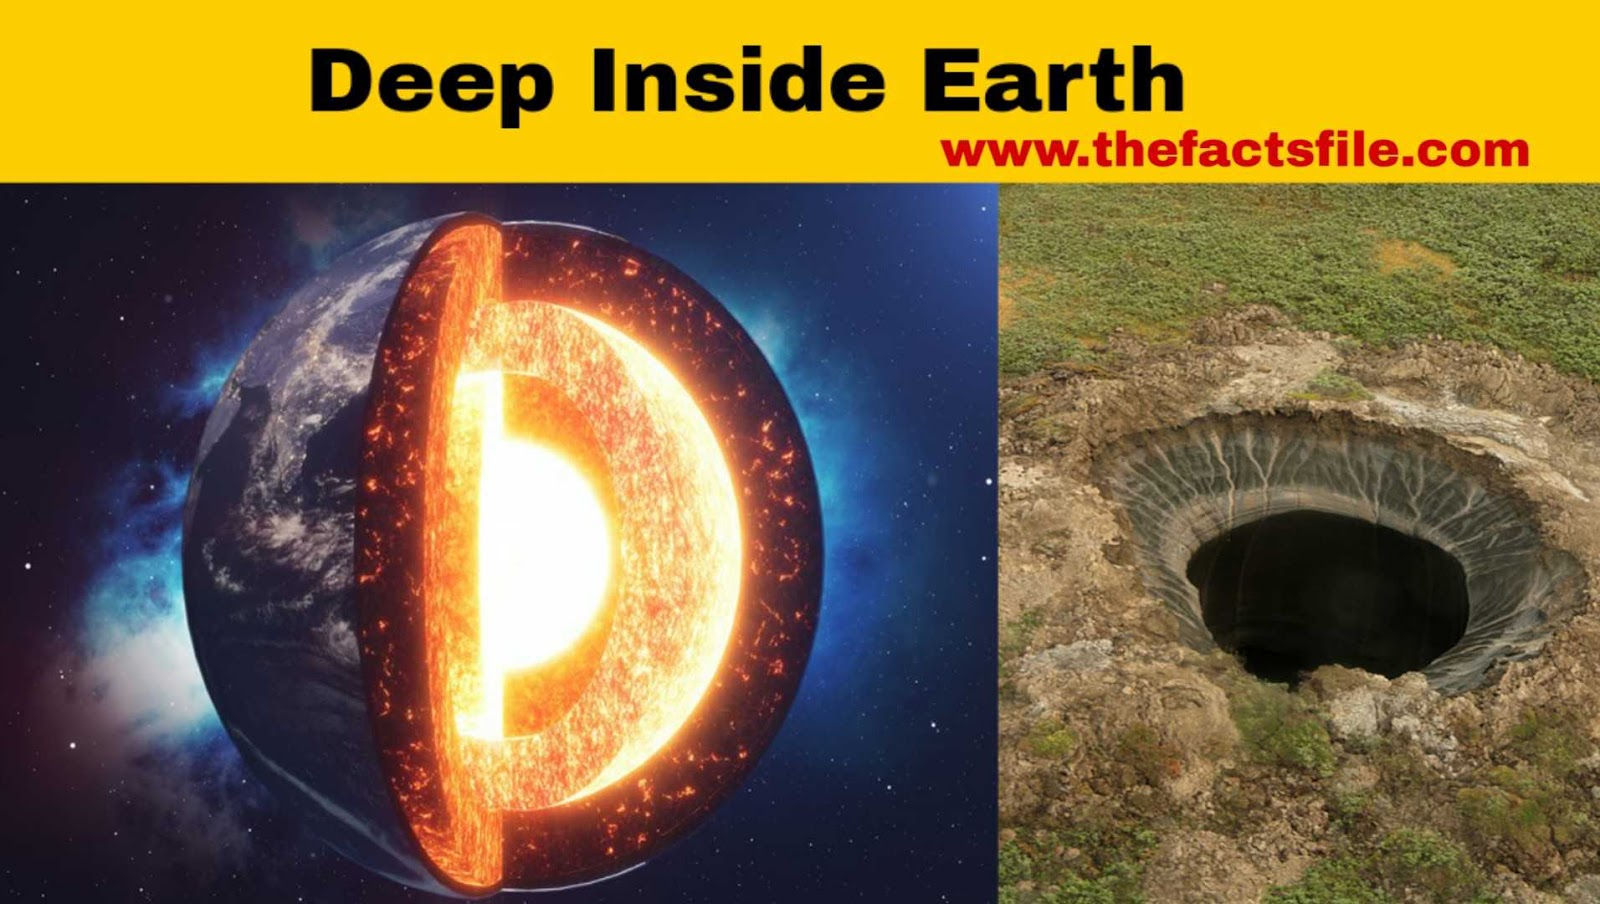 धरती के कितने अन्दर तक छेद किया जा सकता है? | Pruthvi ke kitne andar tak chhed kar sakte hai?